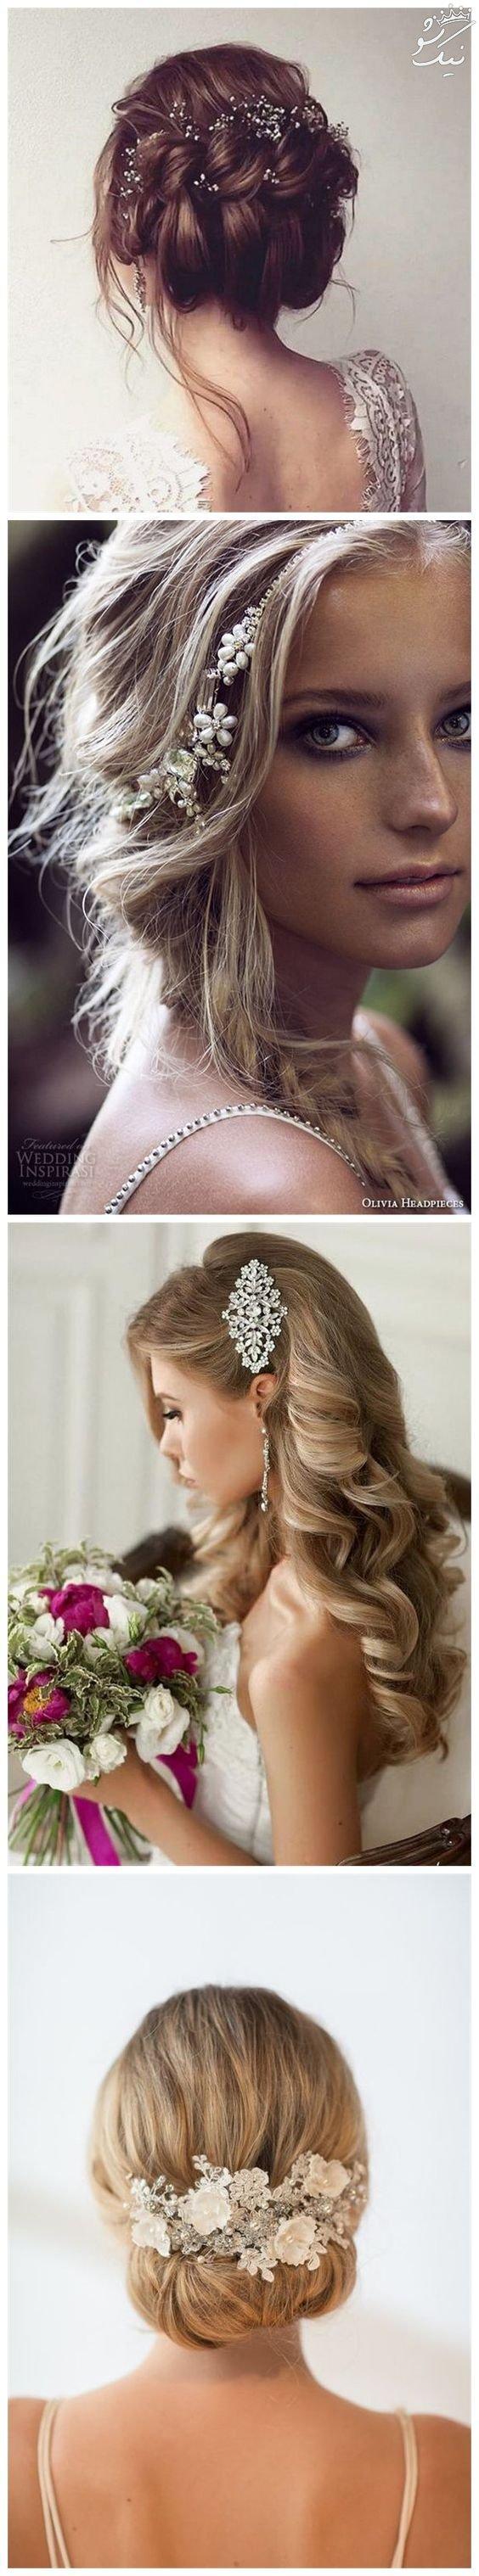 مدل موی عروس برای دختر خانم های ایرانی خوش سلیقه